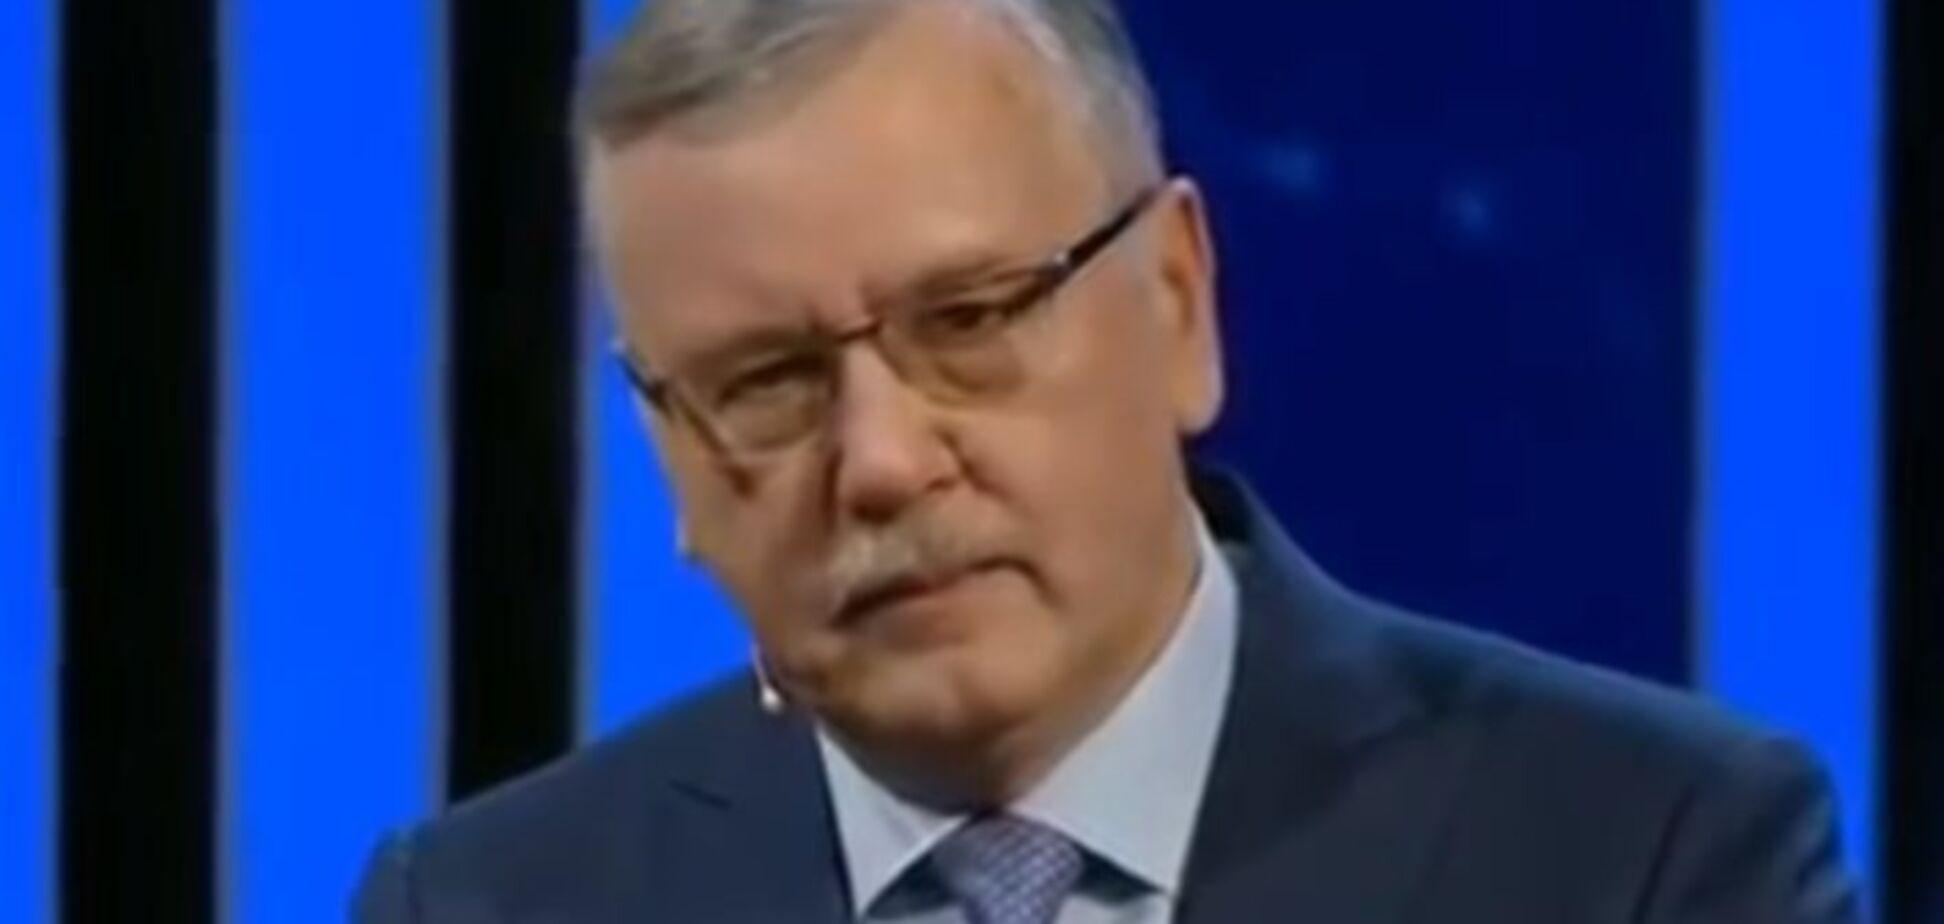 Гриценко рассказал, как урегулировать ситуацию на Донбассе